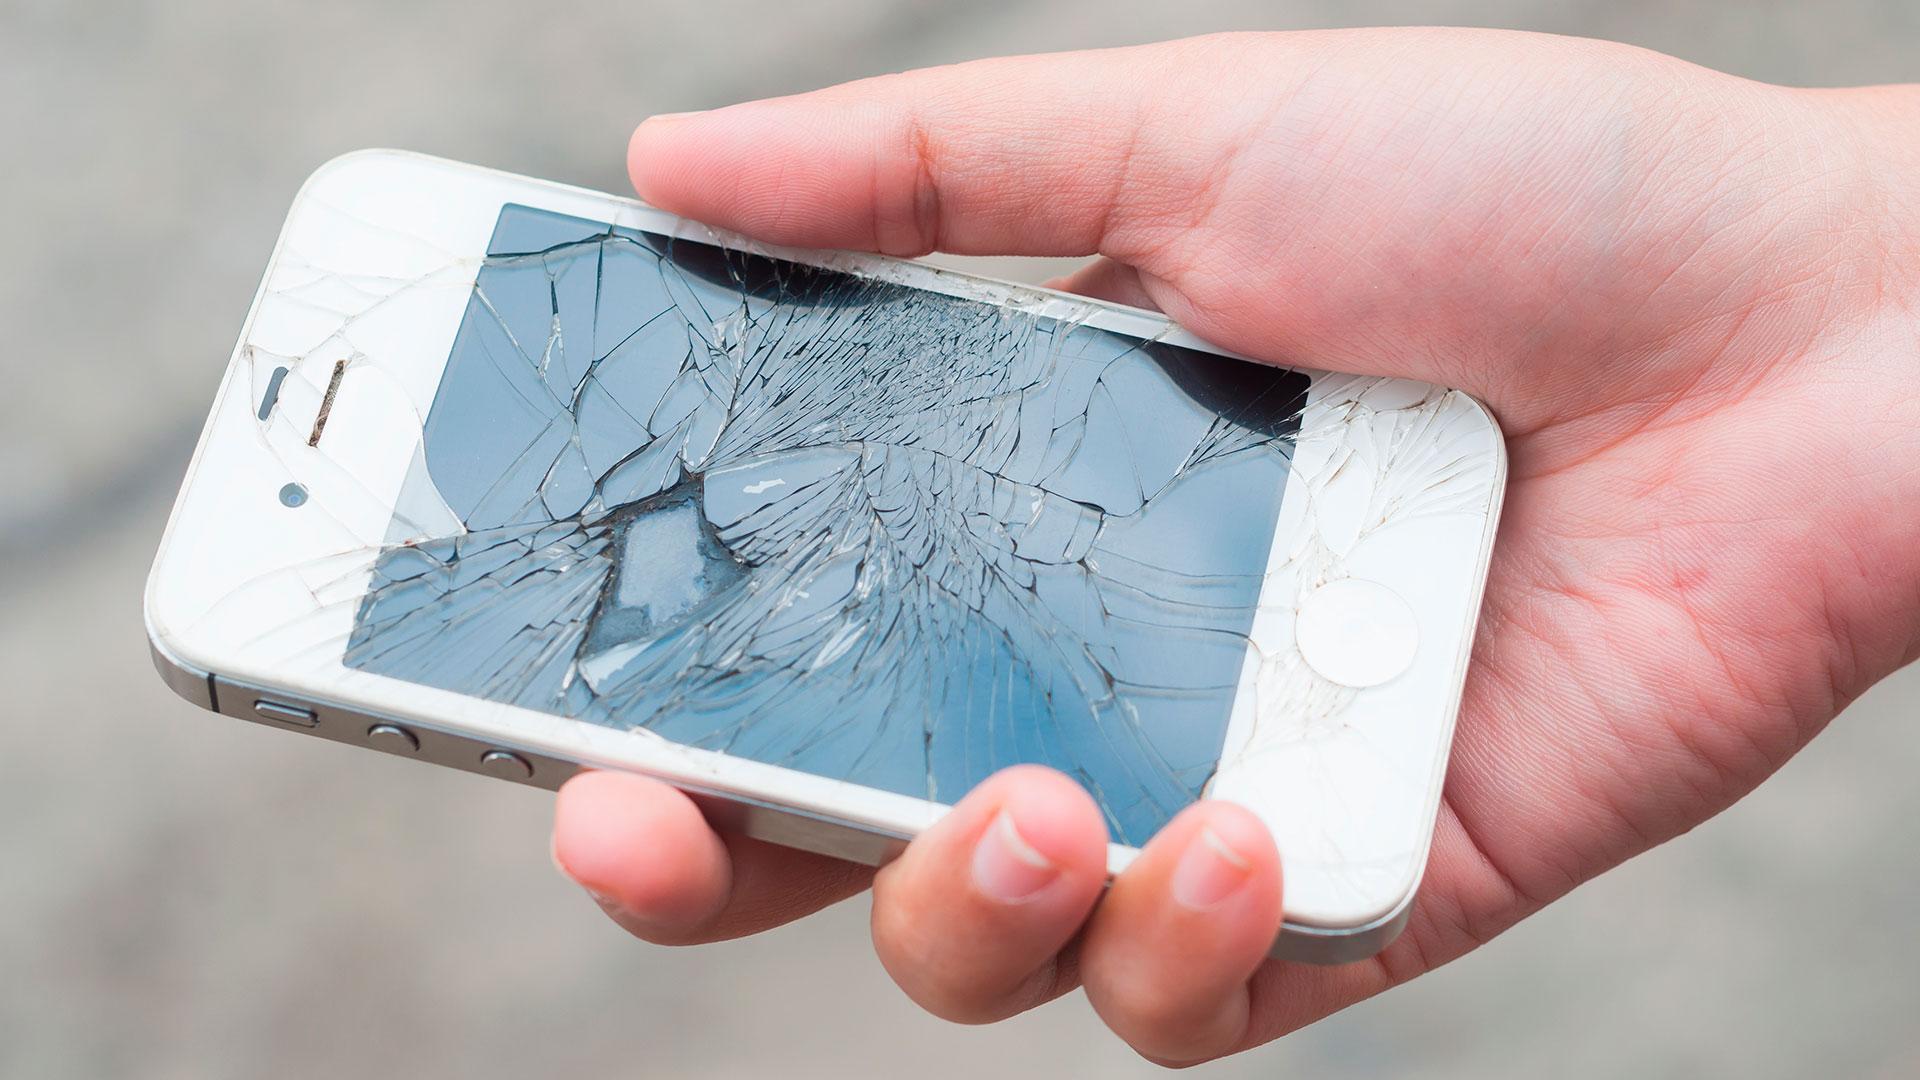 seguro-movil-tablet-2